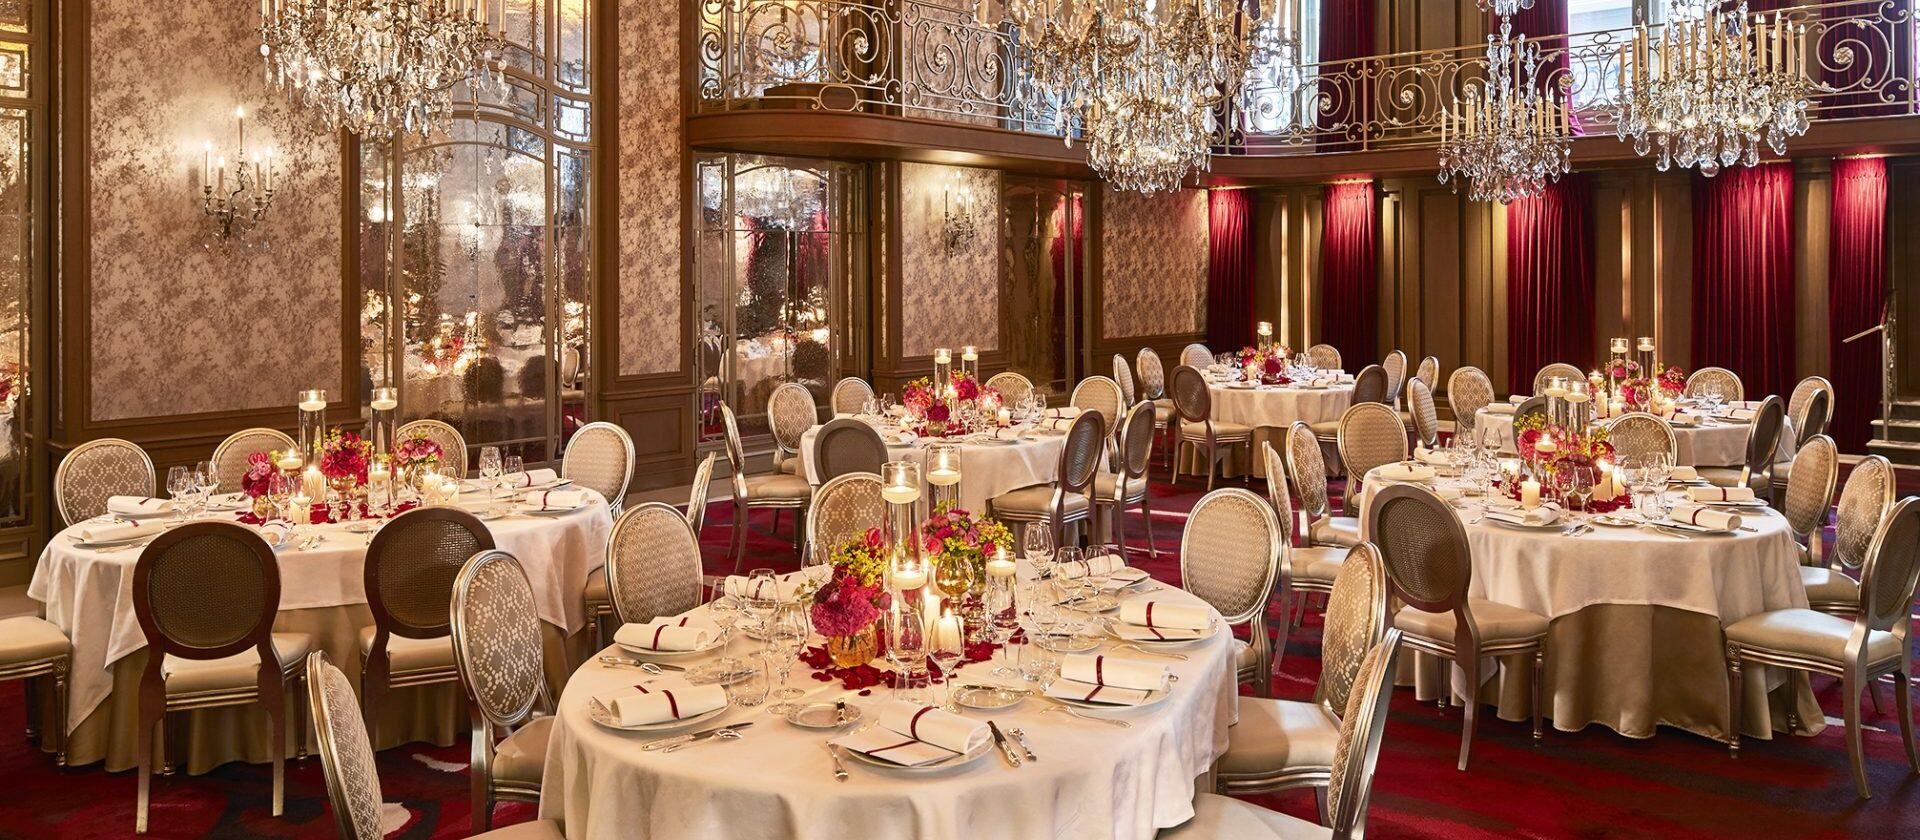 Salon Haute Couture, Hôtel Plaza Athénée  Dorchester Collection